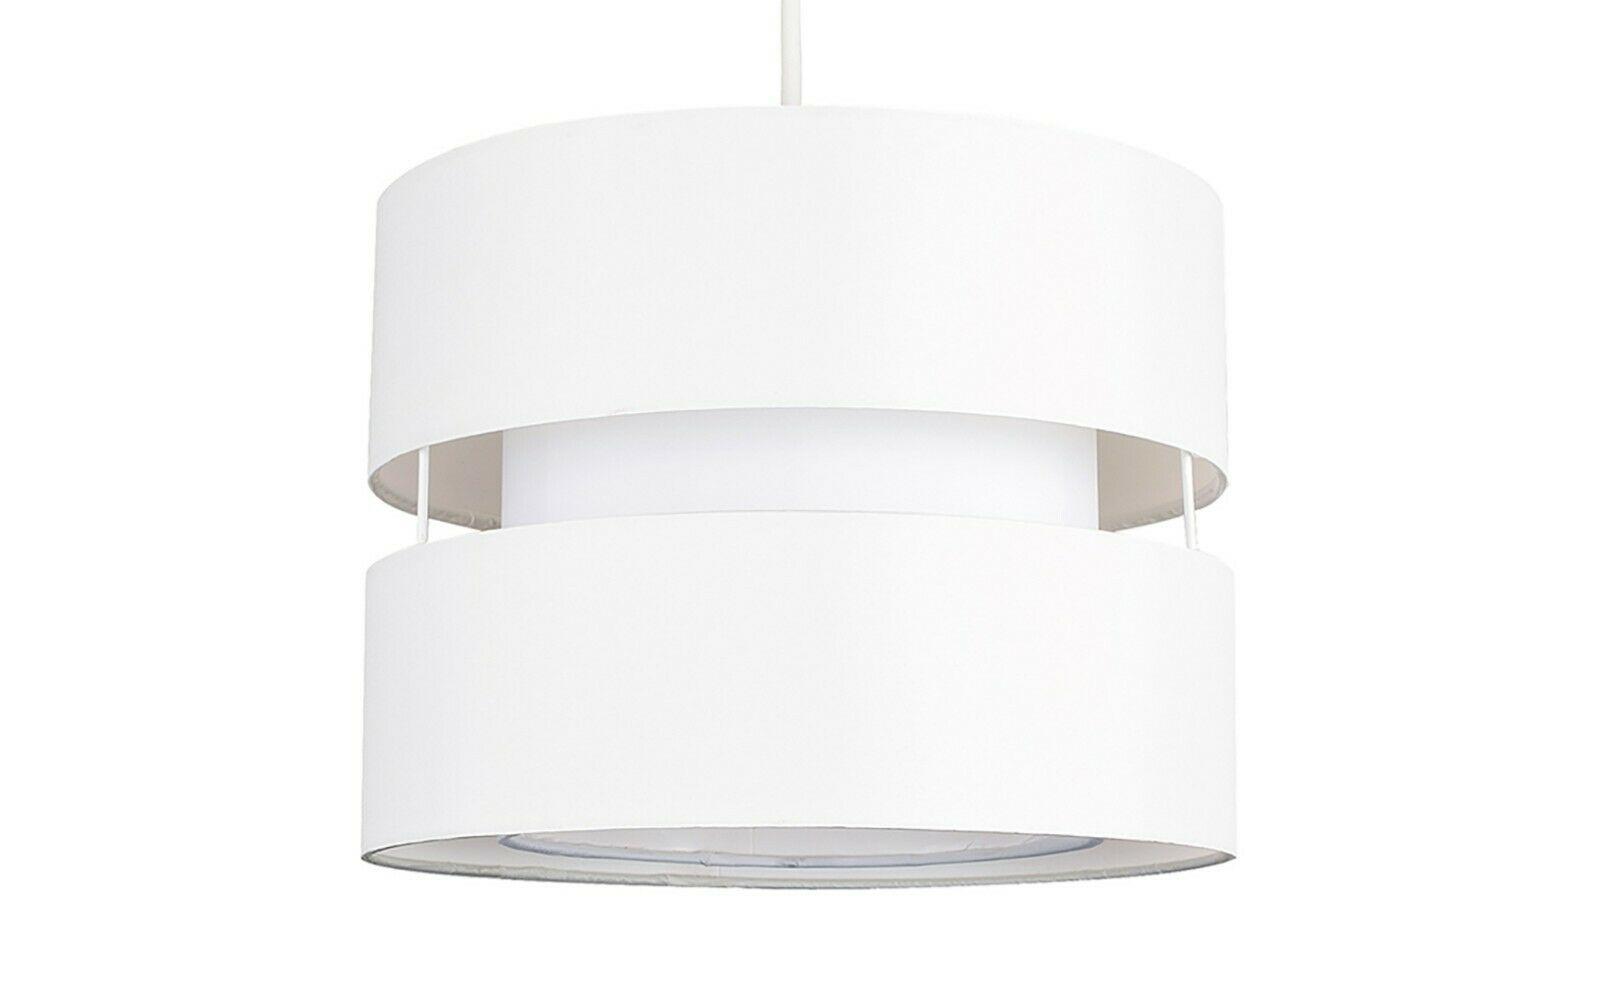 Moderne-Ajustement-Facile-Coton-Tambour-Plafond-Pendentif-Abat-jour-Moderne-Lumiere-eclairage miniature 16